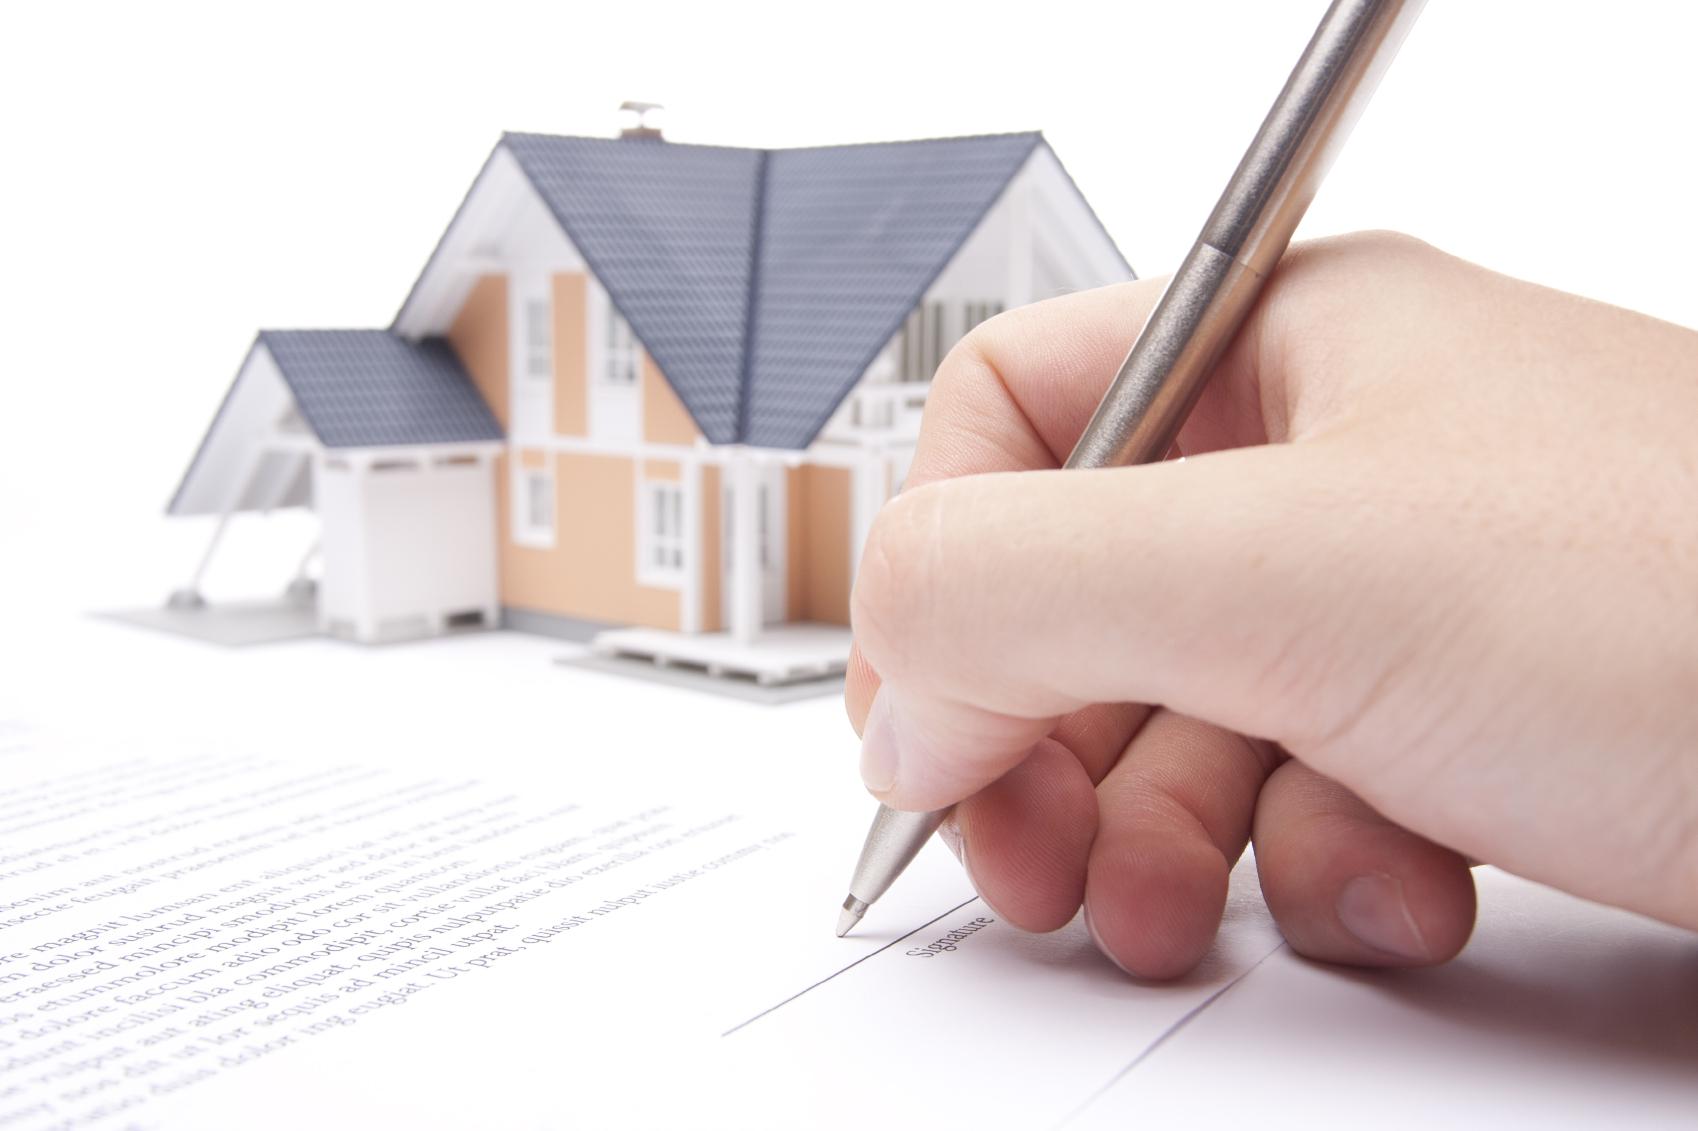 Продажи и покупки недвижимости на сайтах